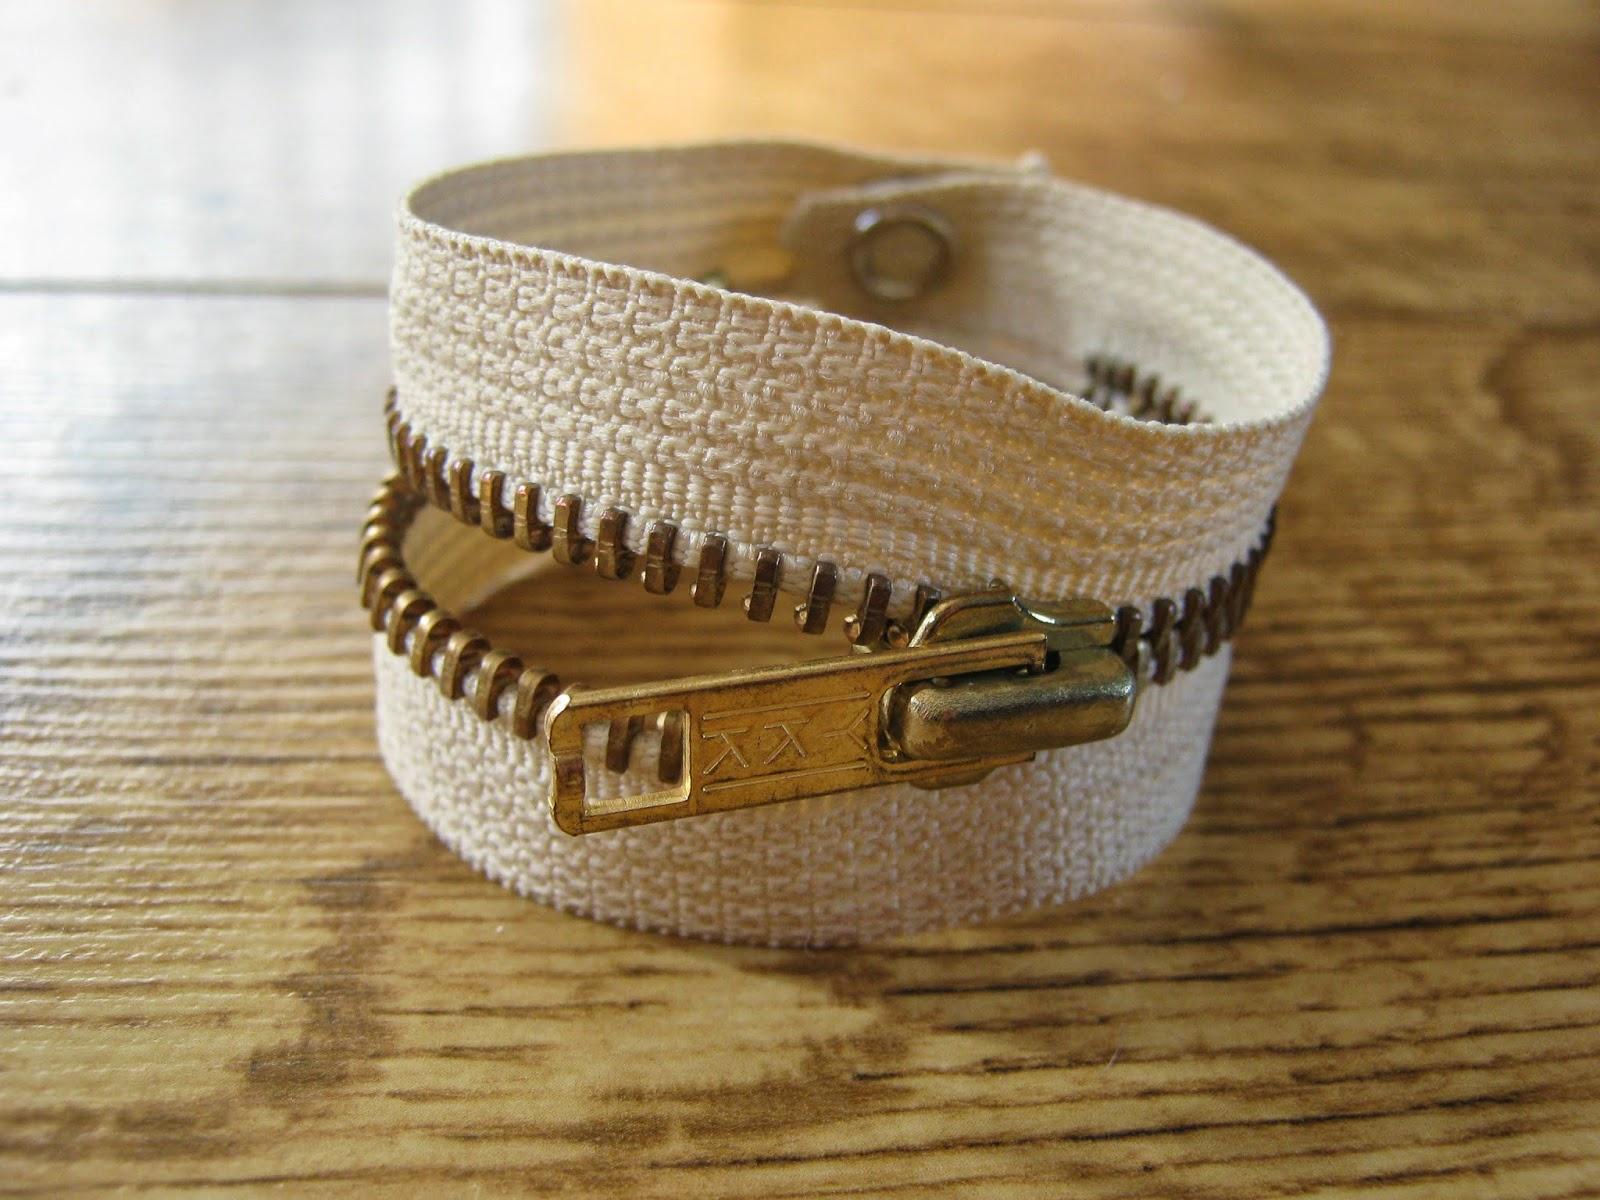 DIY Zip Cuff